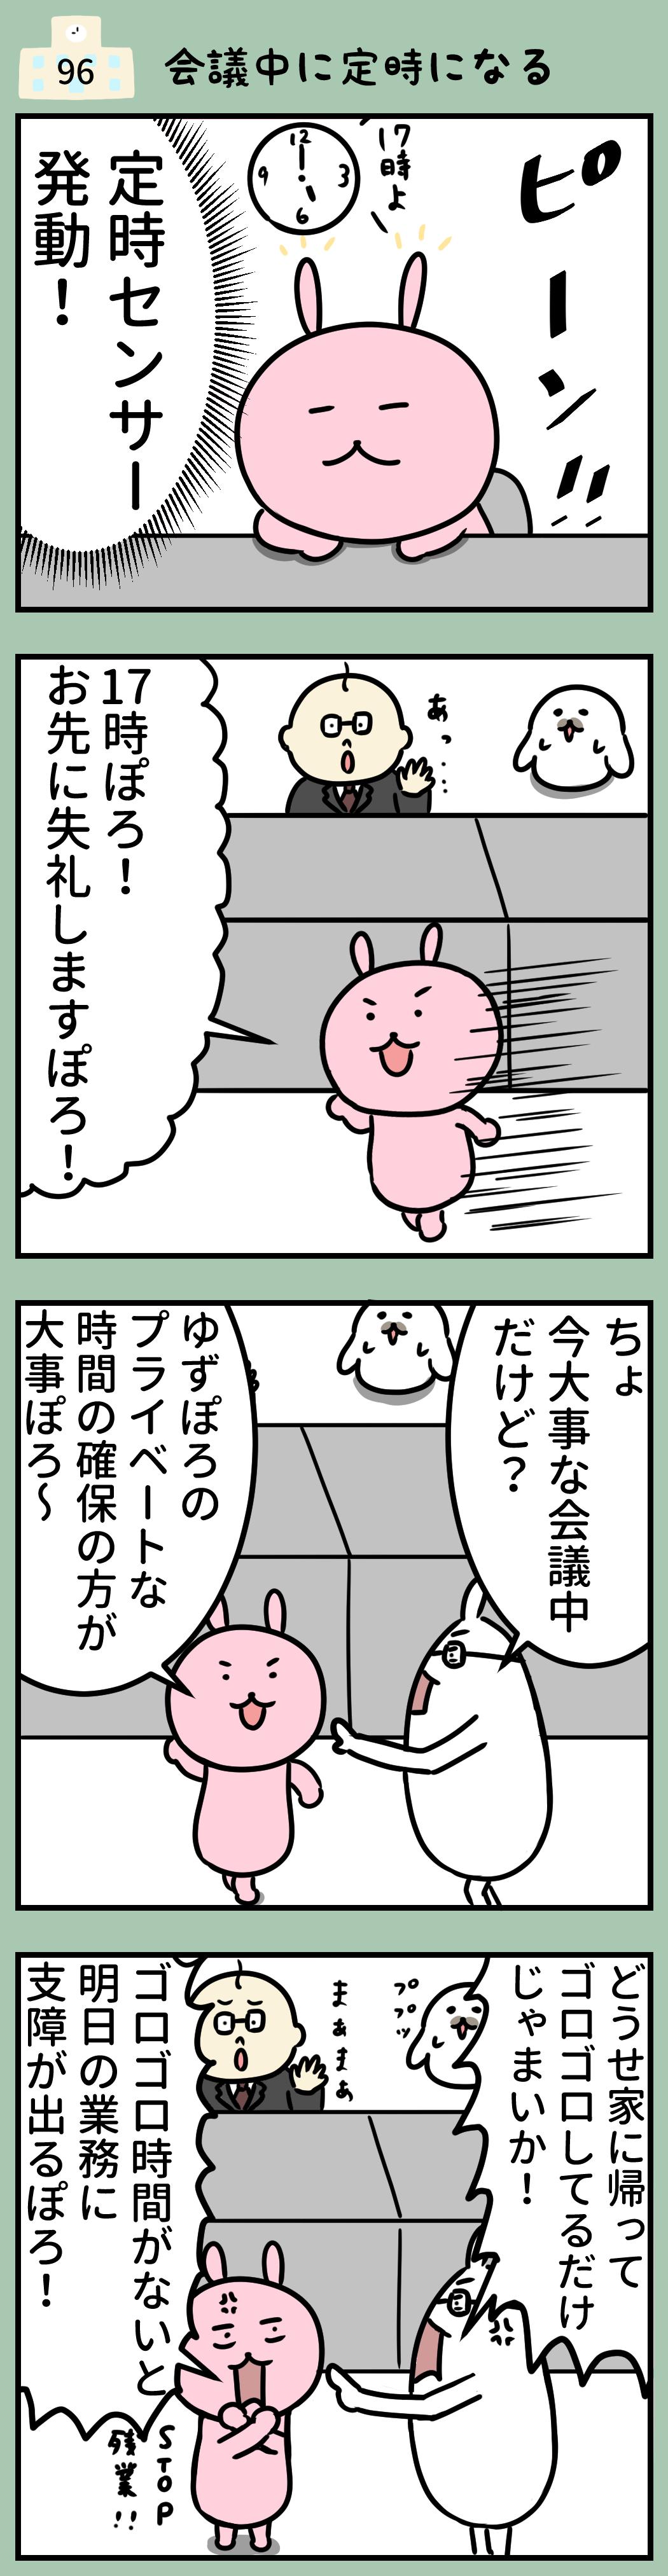 学校の漫画